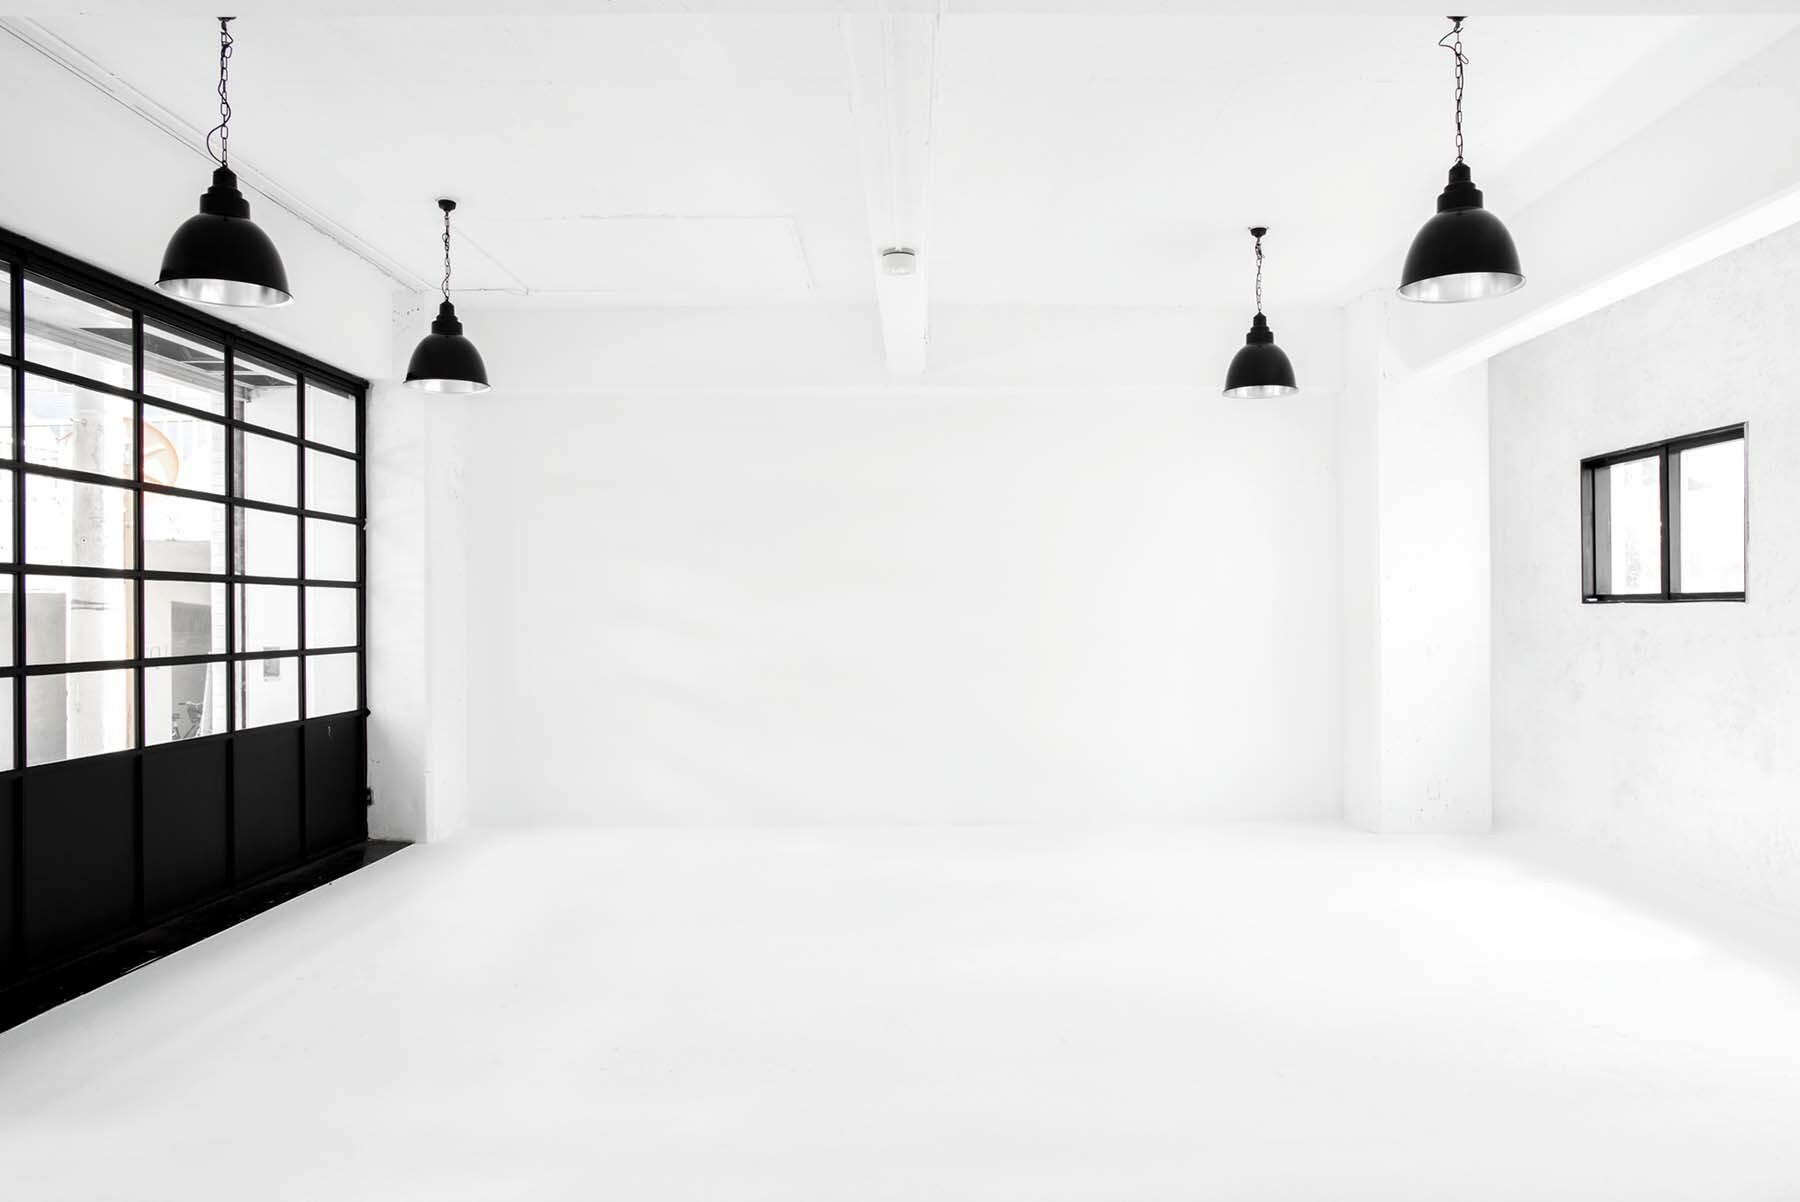 StudioBRICK 1F (スタジオブリック八丁堀1F)白の空間